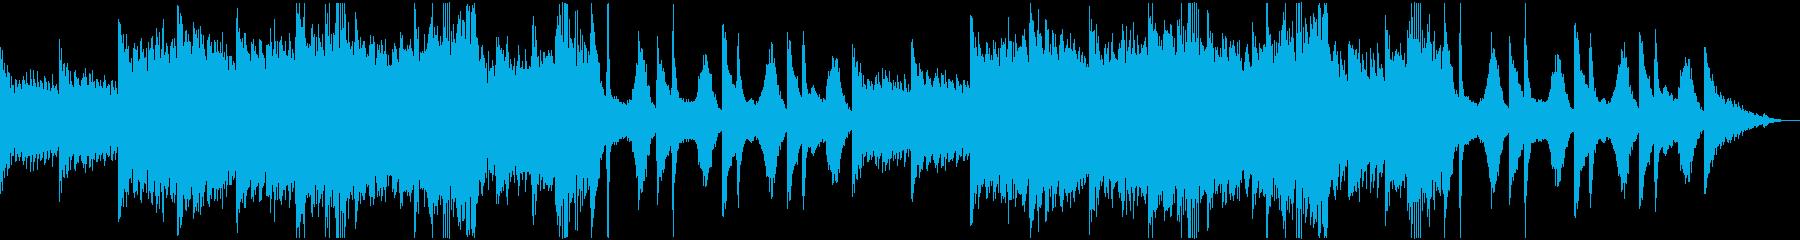 不穏、重苦しい雰囲気に合うホラー系BGMの再生済みの波形